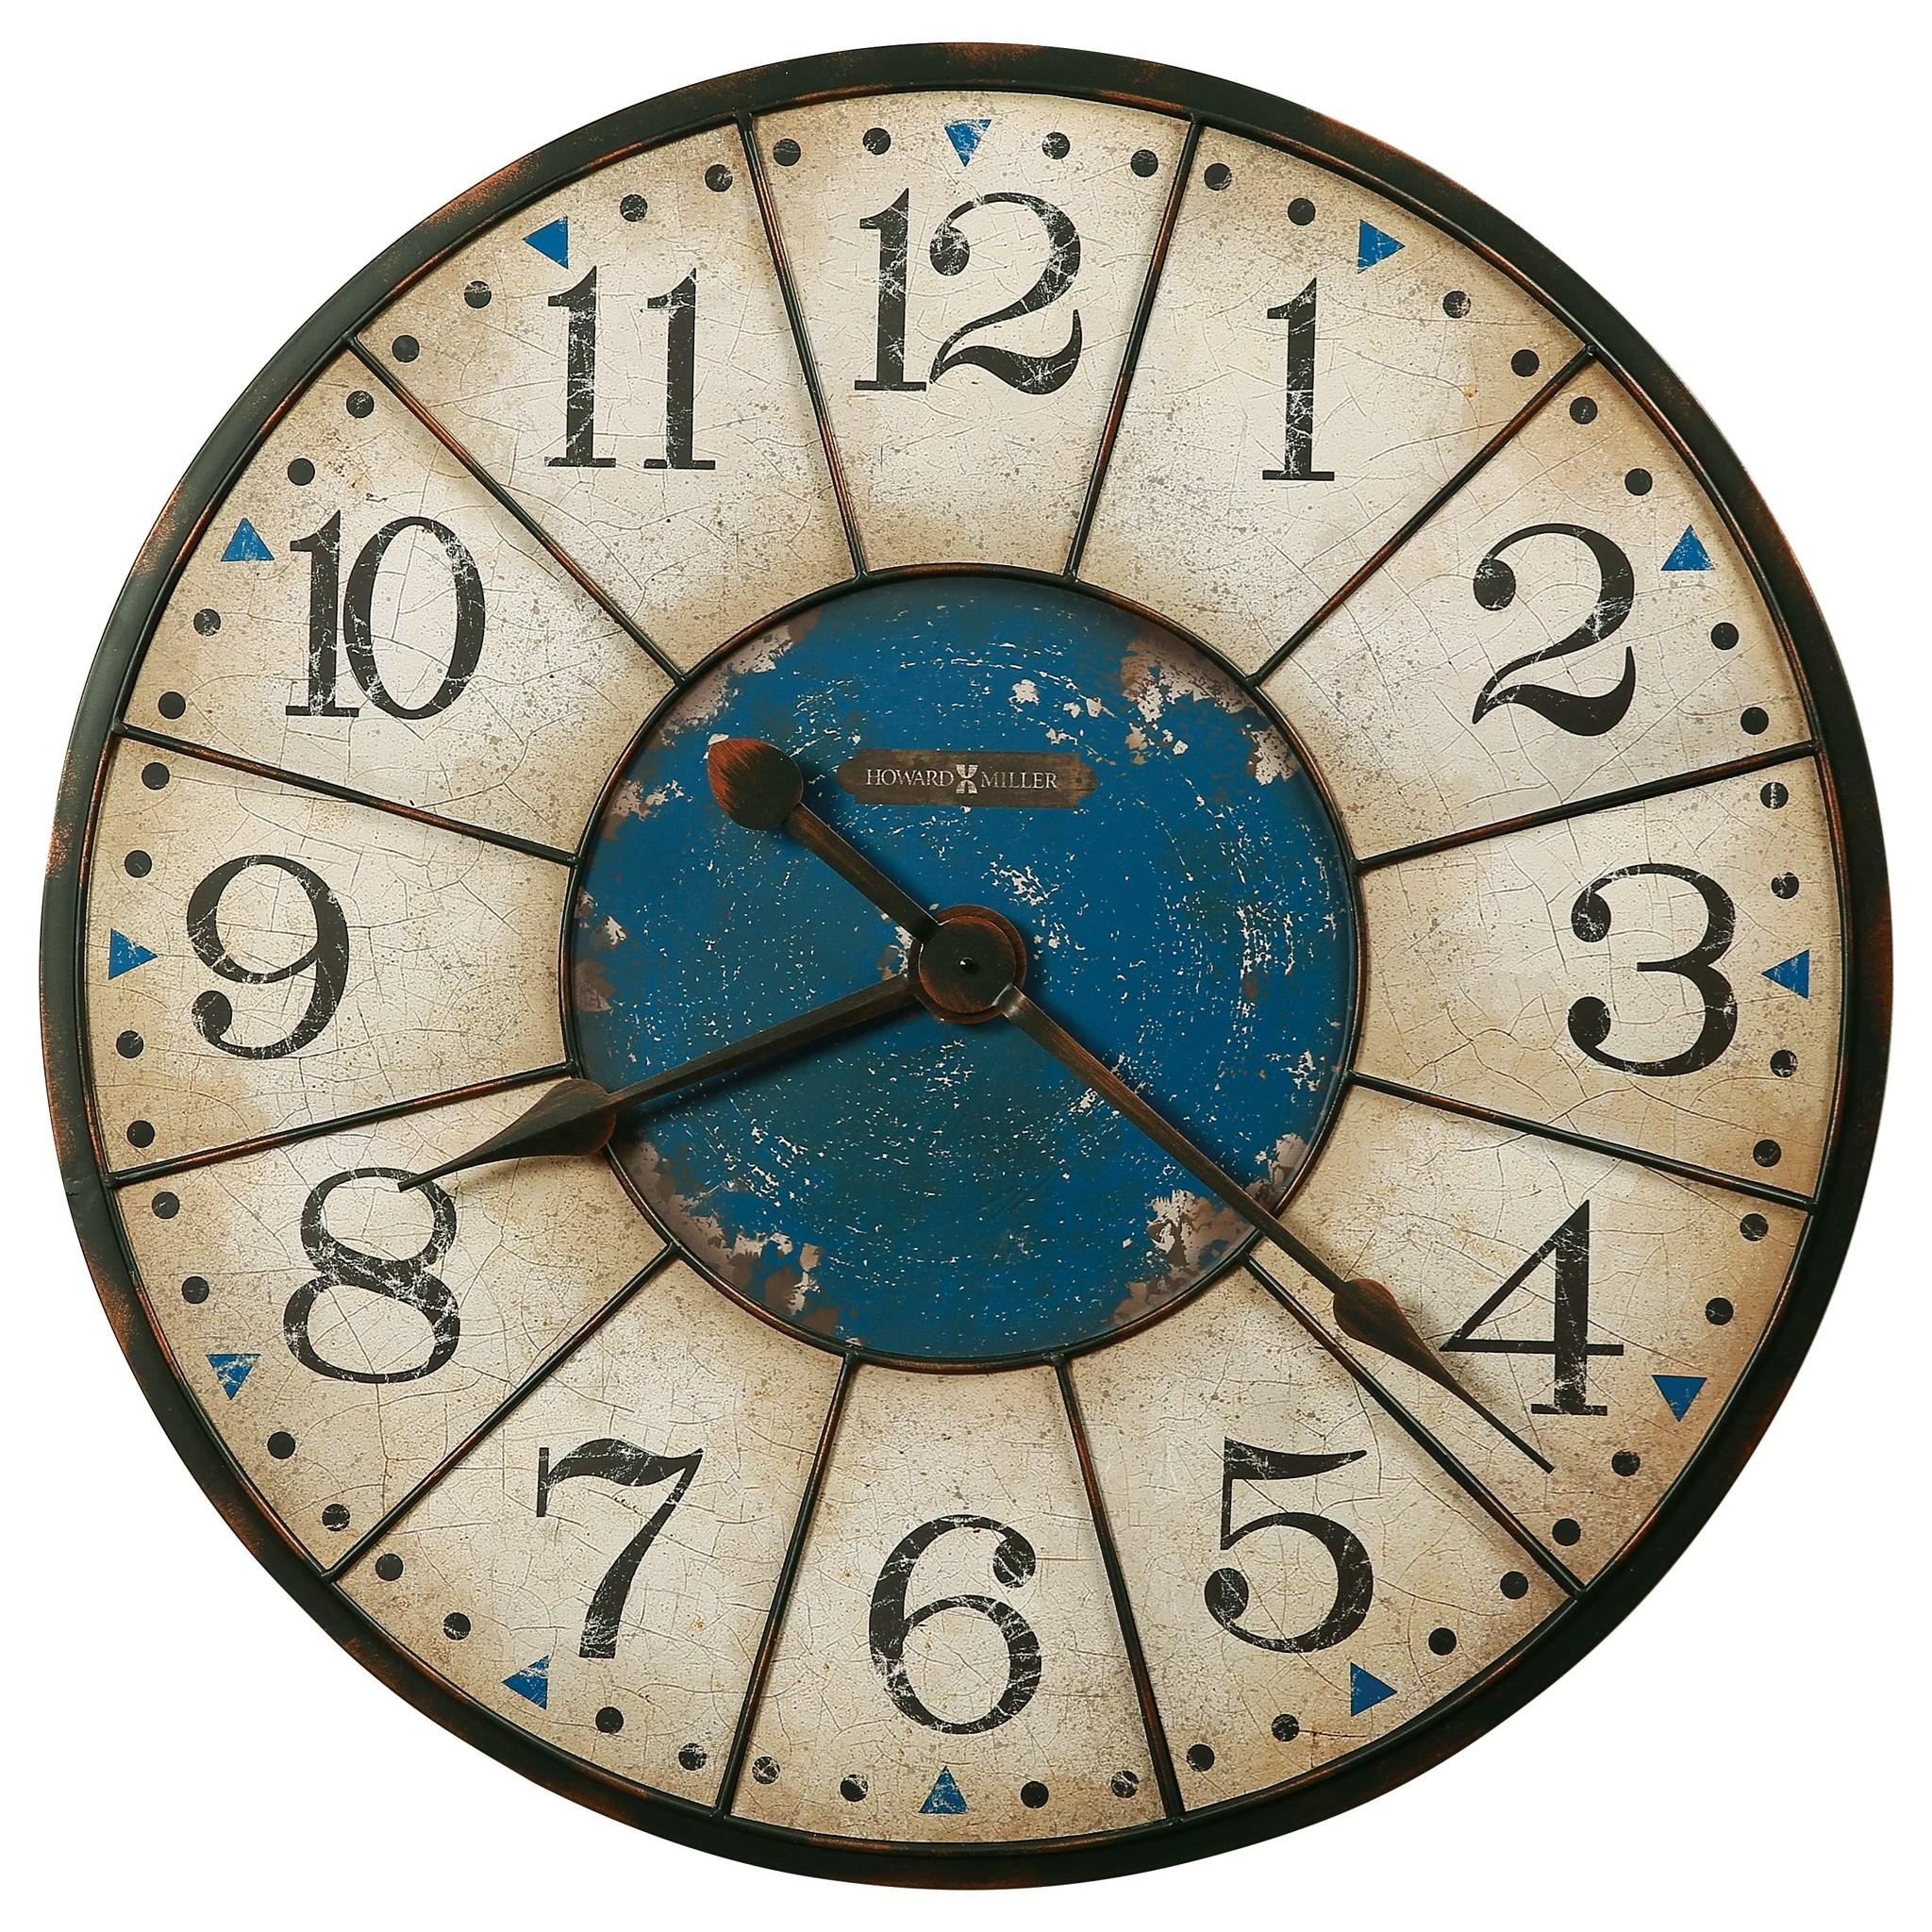 Howard Miller Wall Clocks Balto Wall Clock - Item Number: 625-567